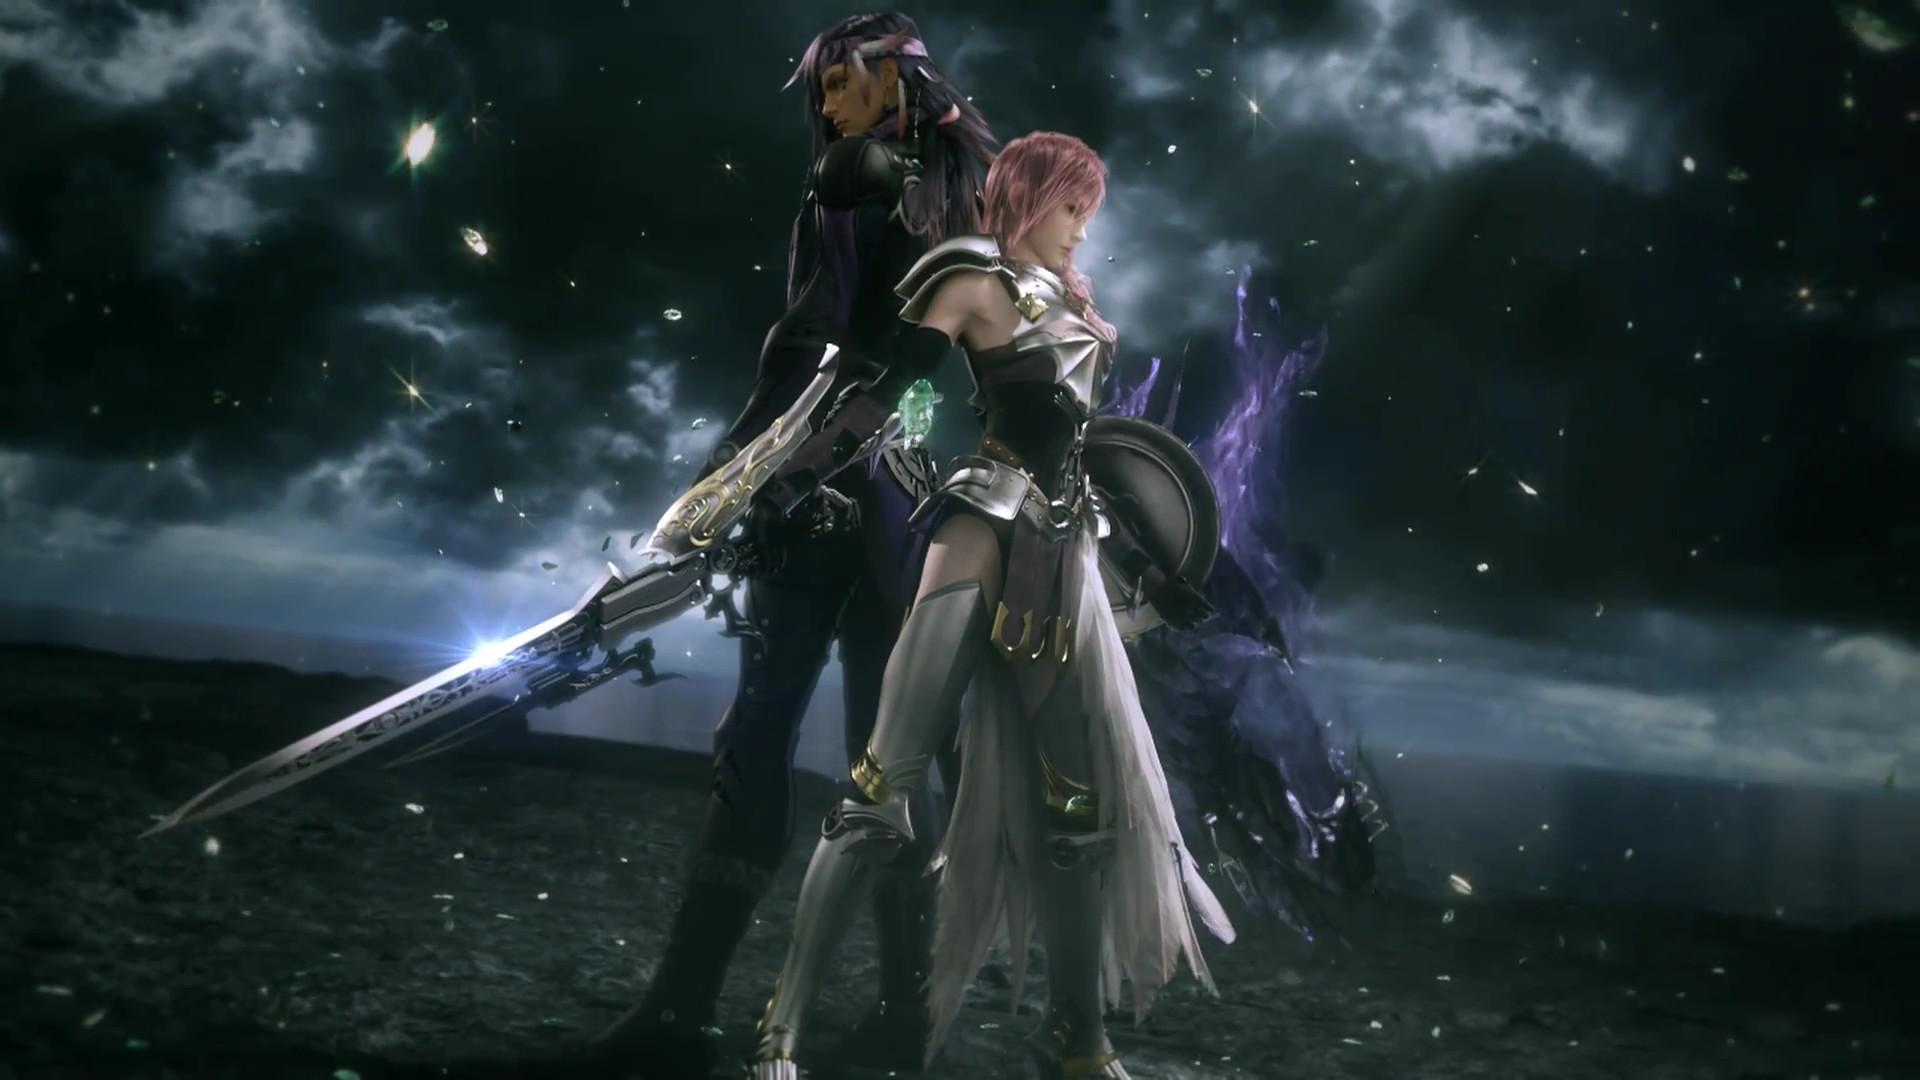 Final Fantasy Pictures HQFX 1920×1080